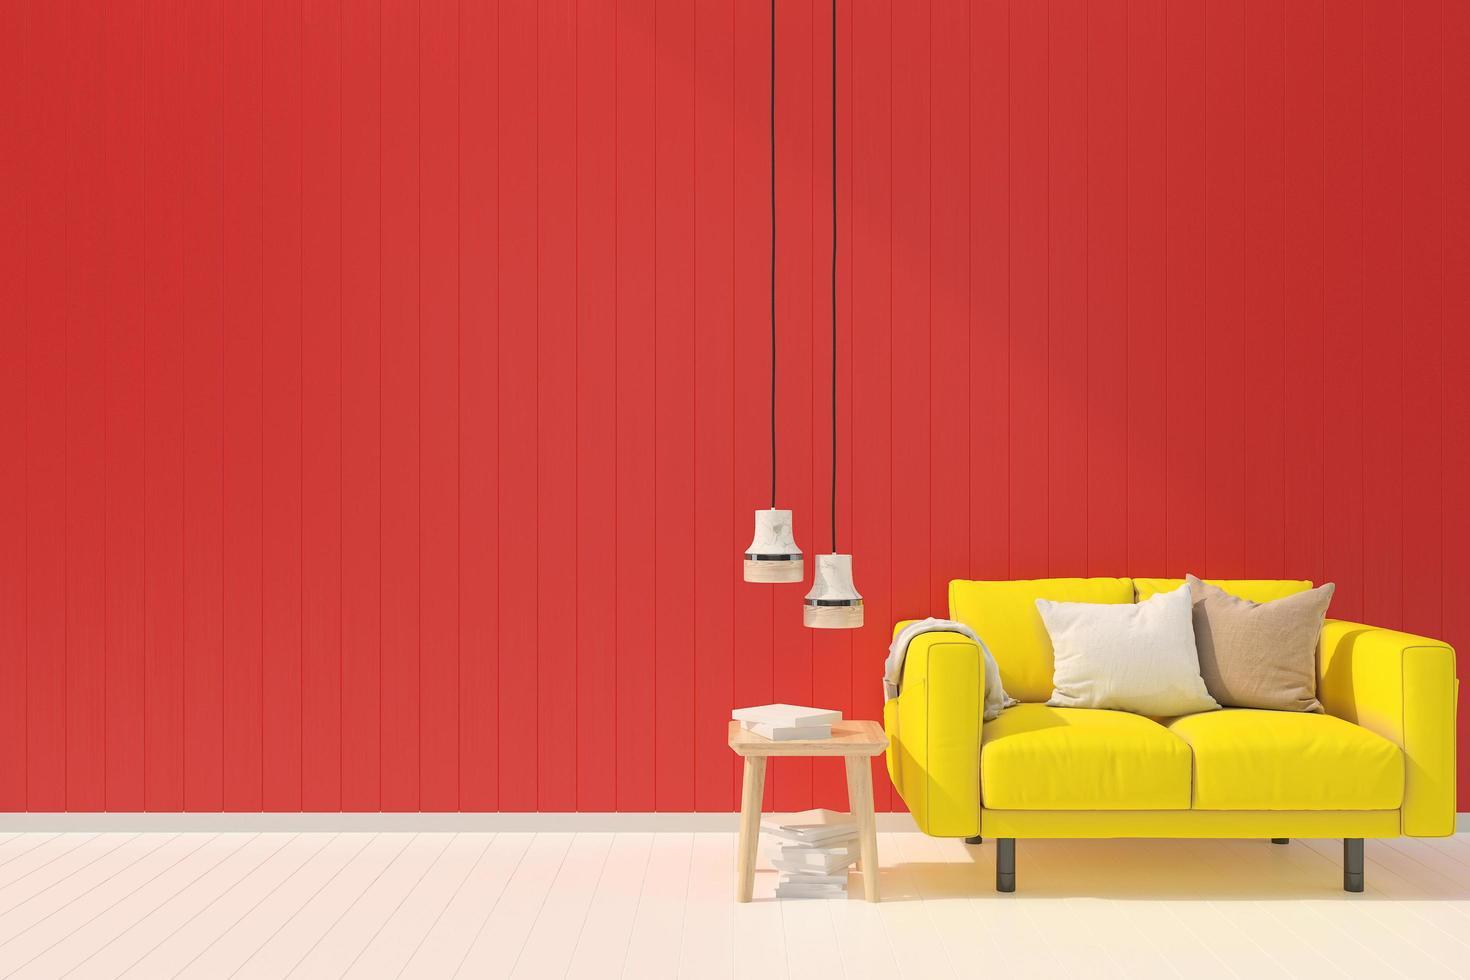 una moderna sala de estar roja y amarilla foto